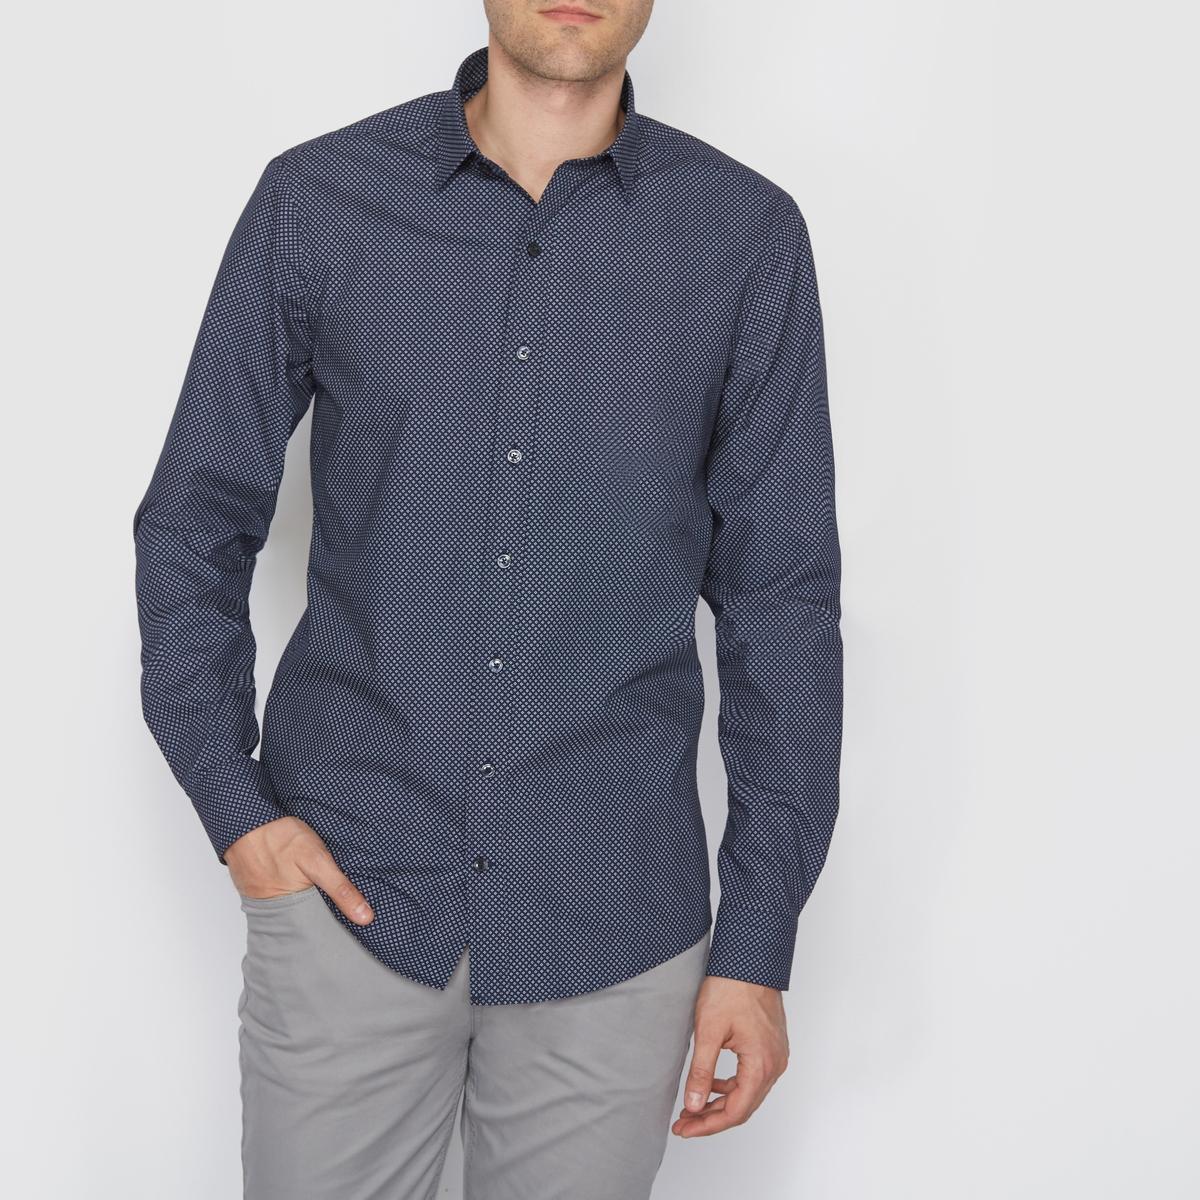 Рубашка узкого покроя с рисунком с длинными рукавамиРубашка с рисунком с длинными рукавами. Узкий покрой, классический воротник со свободными уголками. Застежка и манжеты на пуговицах. Закругленный низ.  Состав и описаниеМатериал : 55% хлопка, 45% полиэстераМарка : R editionУходМашинная стирка при 30 °ССтирать с вещами схожих цветовГладить с изнаночной стороны<br><br>Цвет: рисунок/фон темно-синий